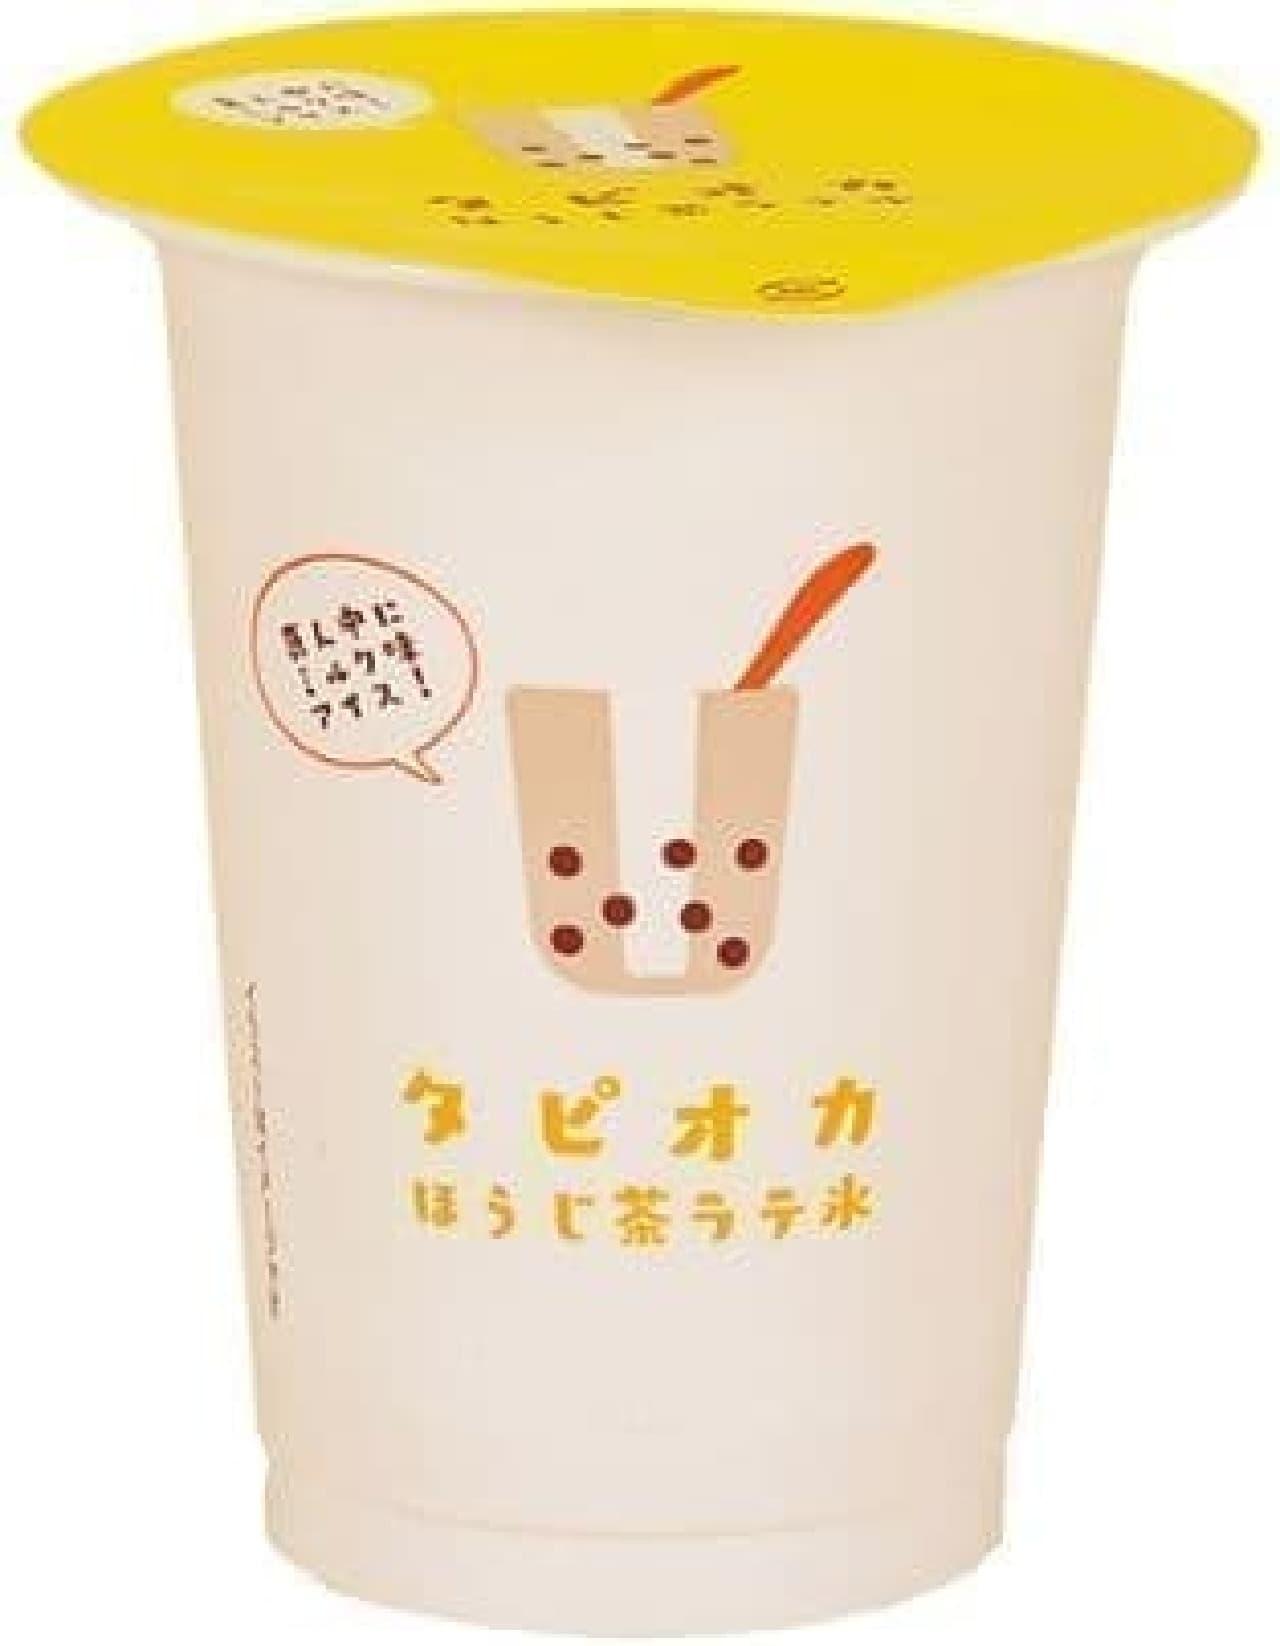 ファミリーマート「赤城 タピオカほうじ茶ラテ氷」